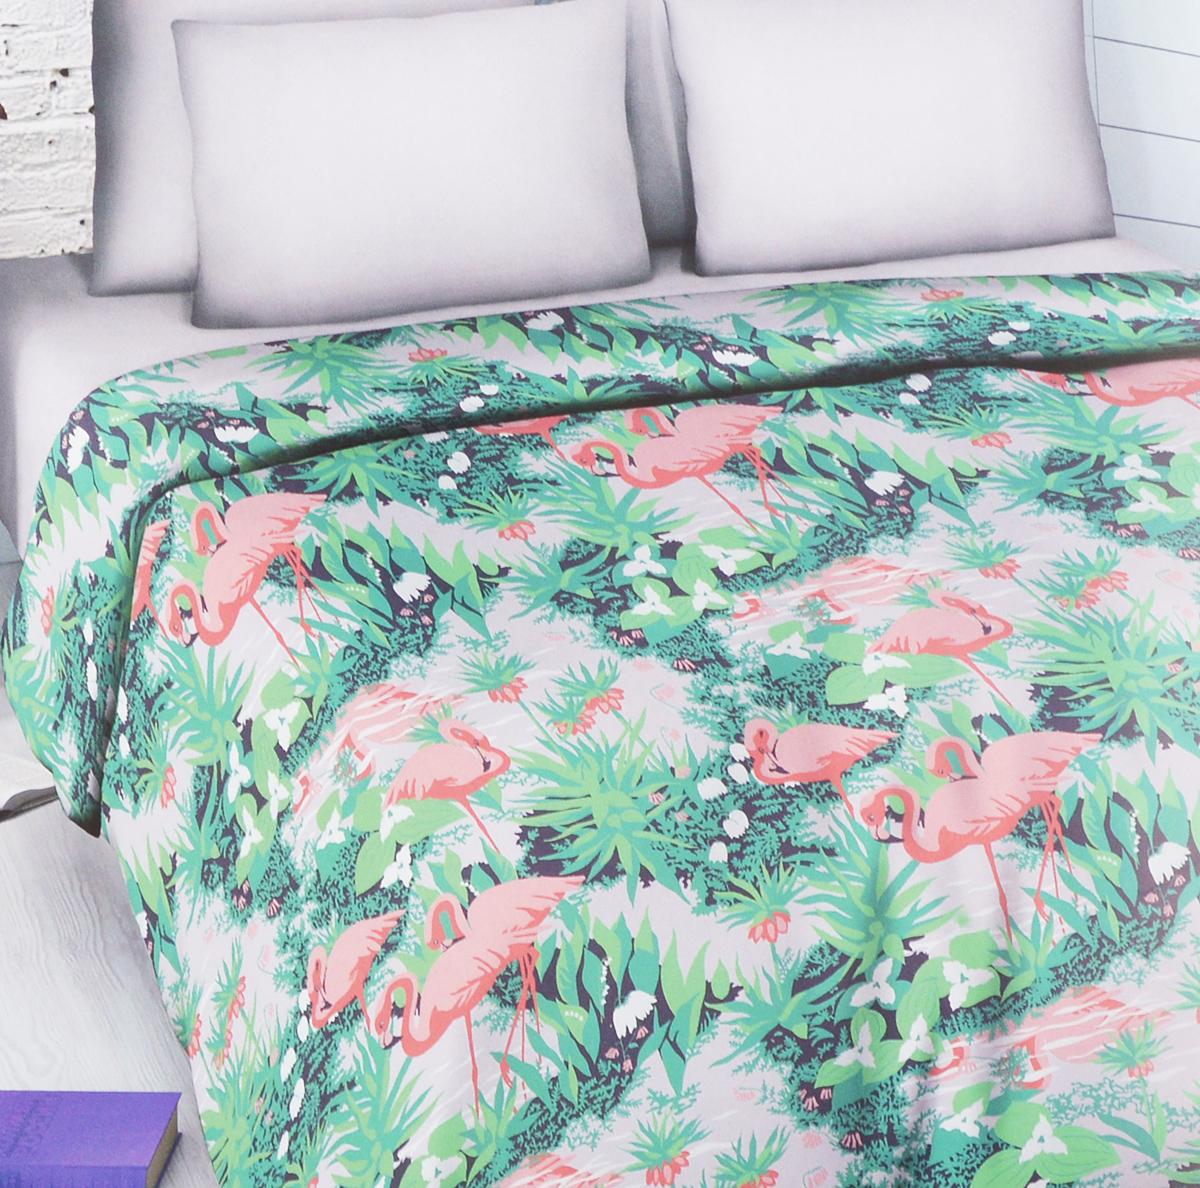 Комплект белья Василиса Фламинго, семейный, наволочки 70х705581/сКомплект белья Василиса Фламинго, выполненный из набивной бязи (100% хлопок), состоит из двух пододеяльников, простыни и двух наволочек.Бязь - хлопчатобумажная ткань полотняного переплетения без искусственных добавок. Большое количество нитей делает эту ткань более плотной, более долговечной. Высокая плотность ткани позволяет сохранить форму изделия, его первоначальные размеры и первозданный рисунок.Приобретая комплект постельного белья Василиса, вы можете быть уверенны в том, что покупка доставит вам и вашим близким удовольствие и подарит максимальный комфорт.